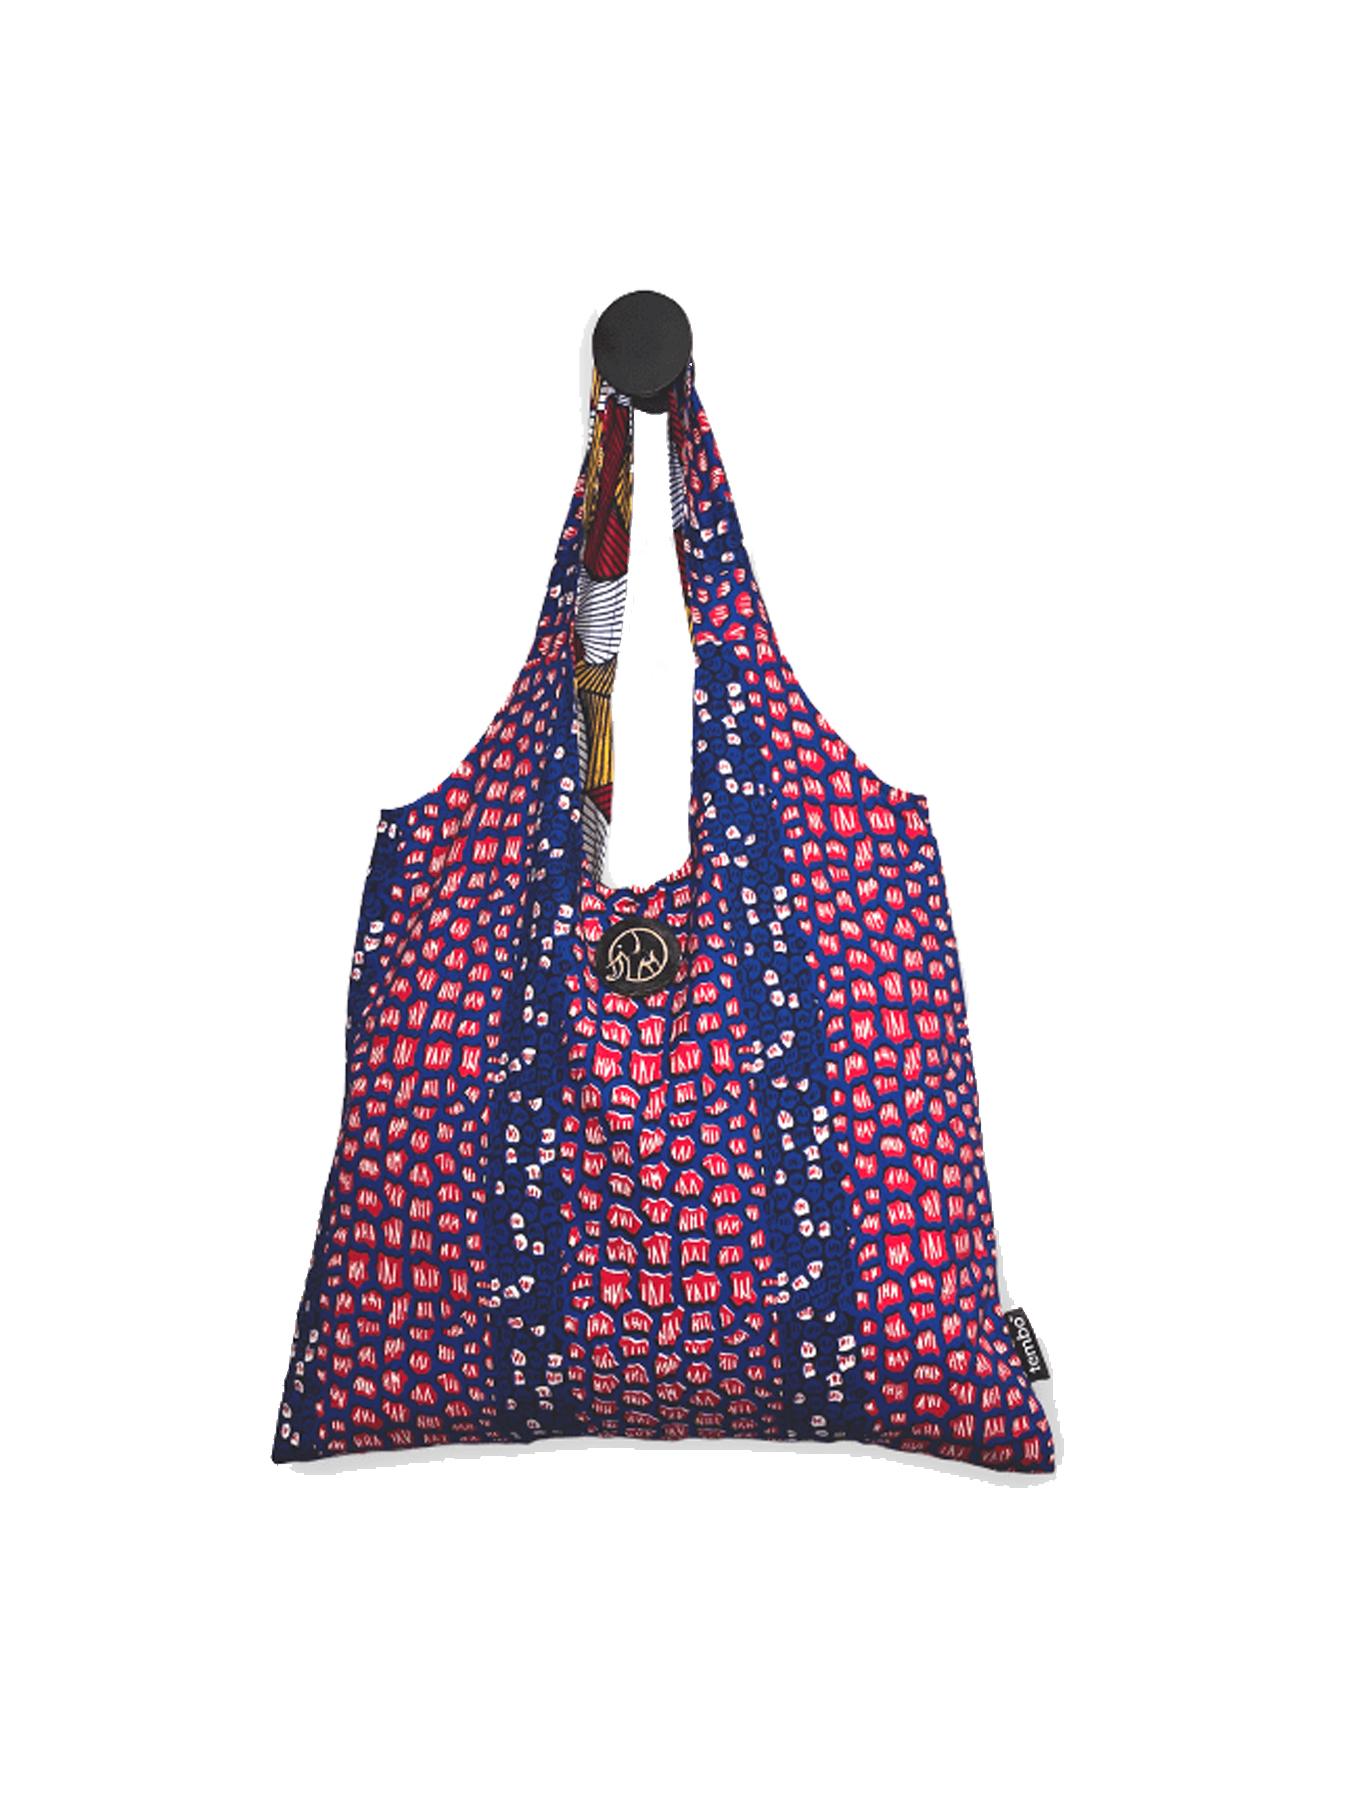 Tembo bags